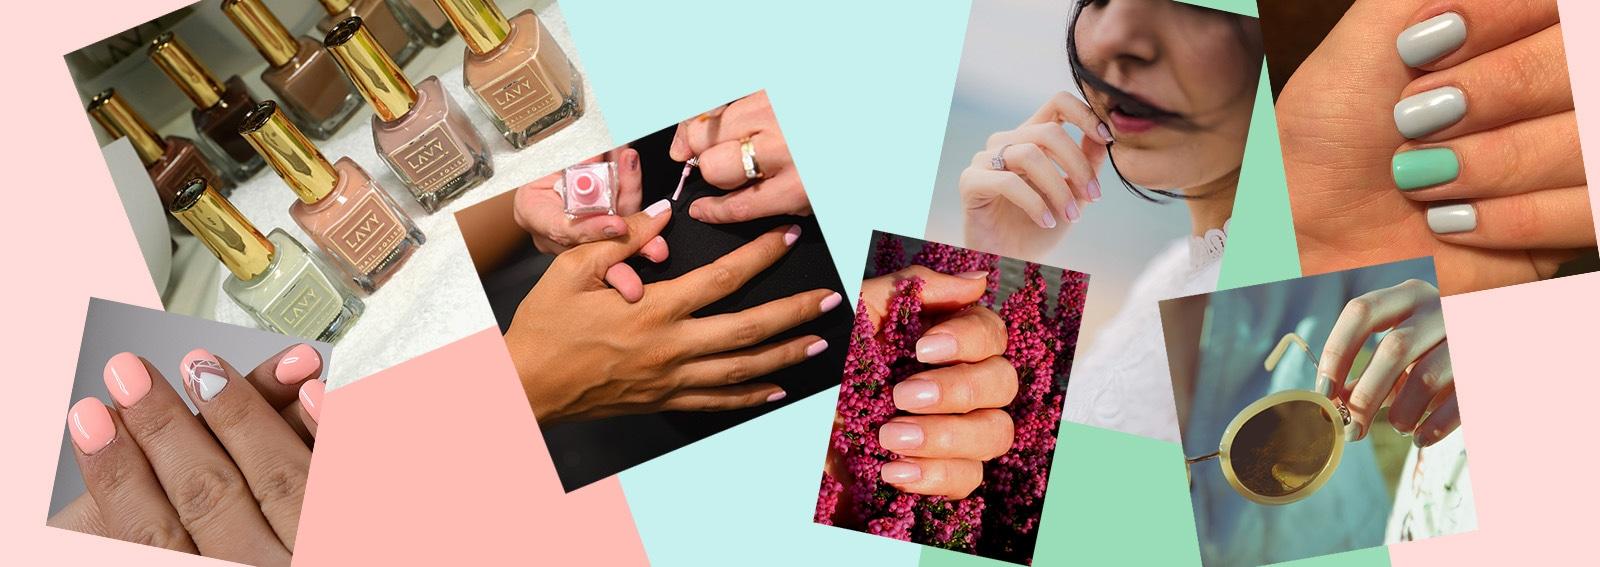 Nail art pastello: le manicure nei colori più delicati da copiare